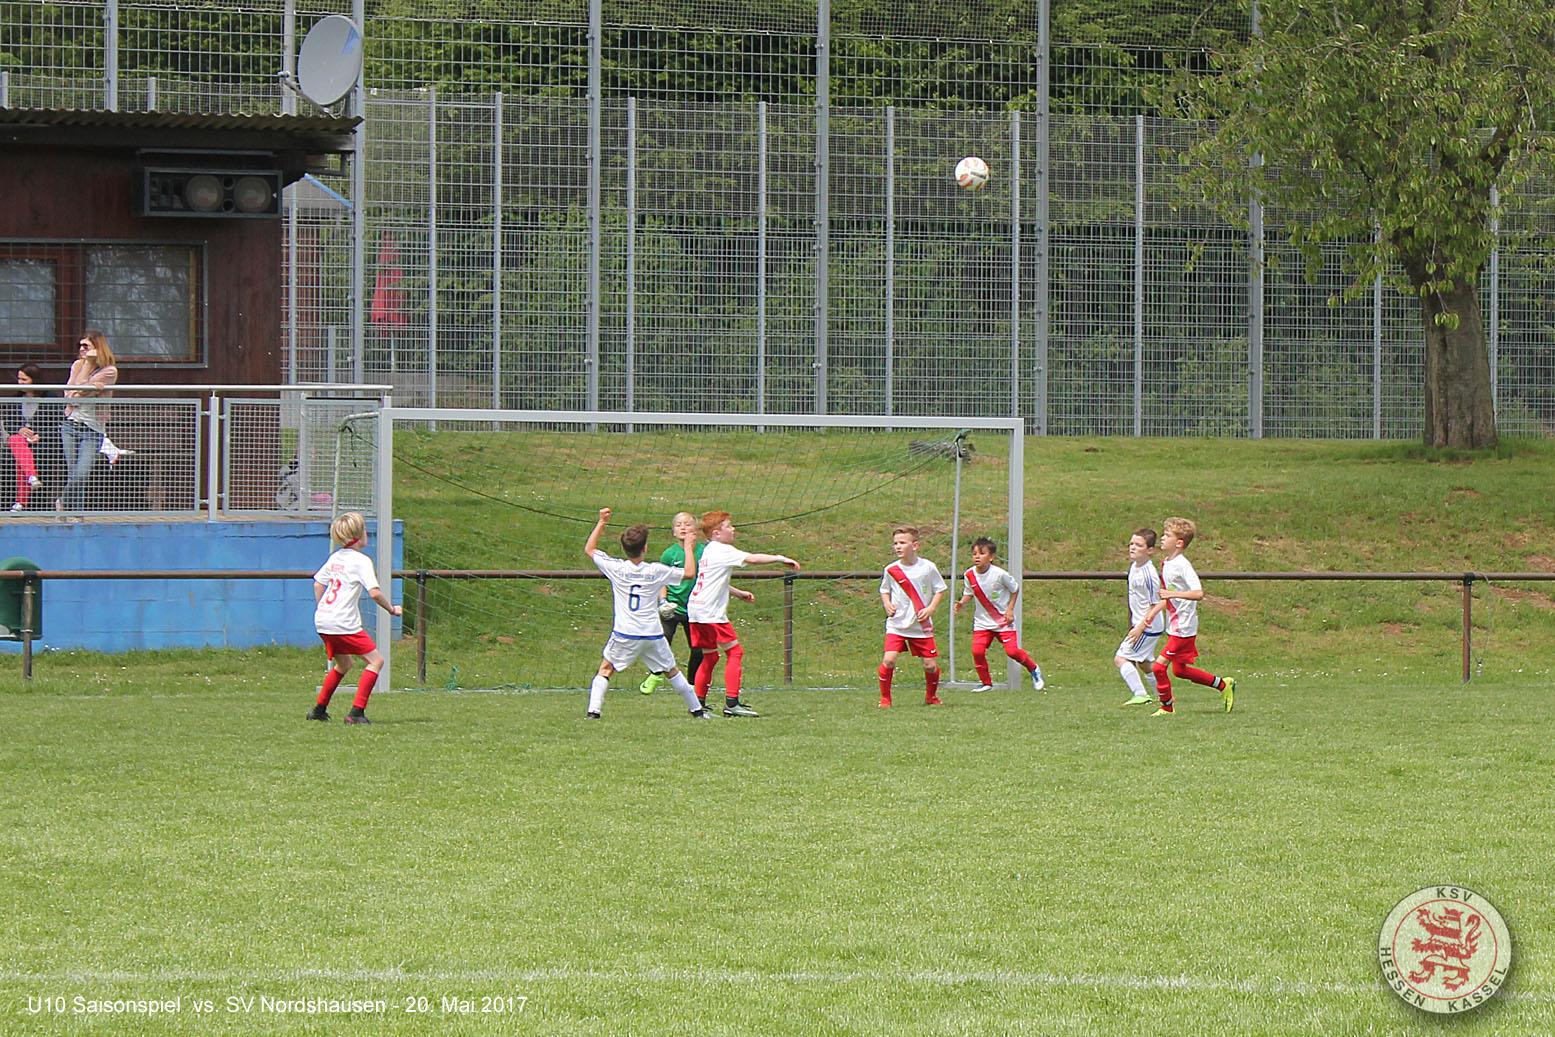 Nordshausen - U10